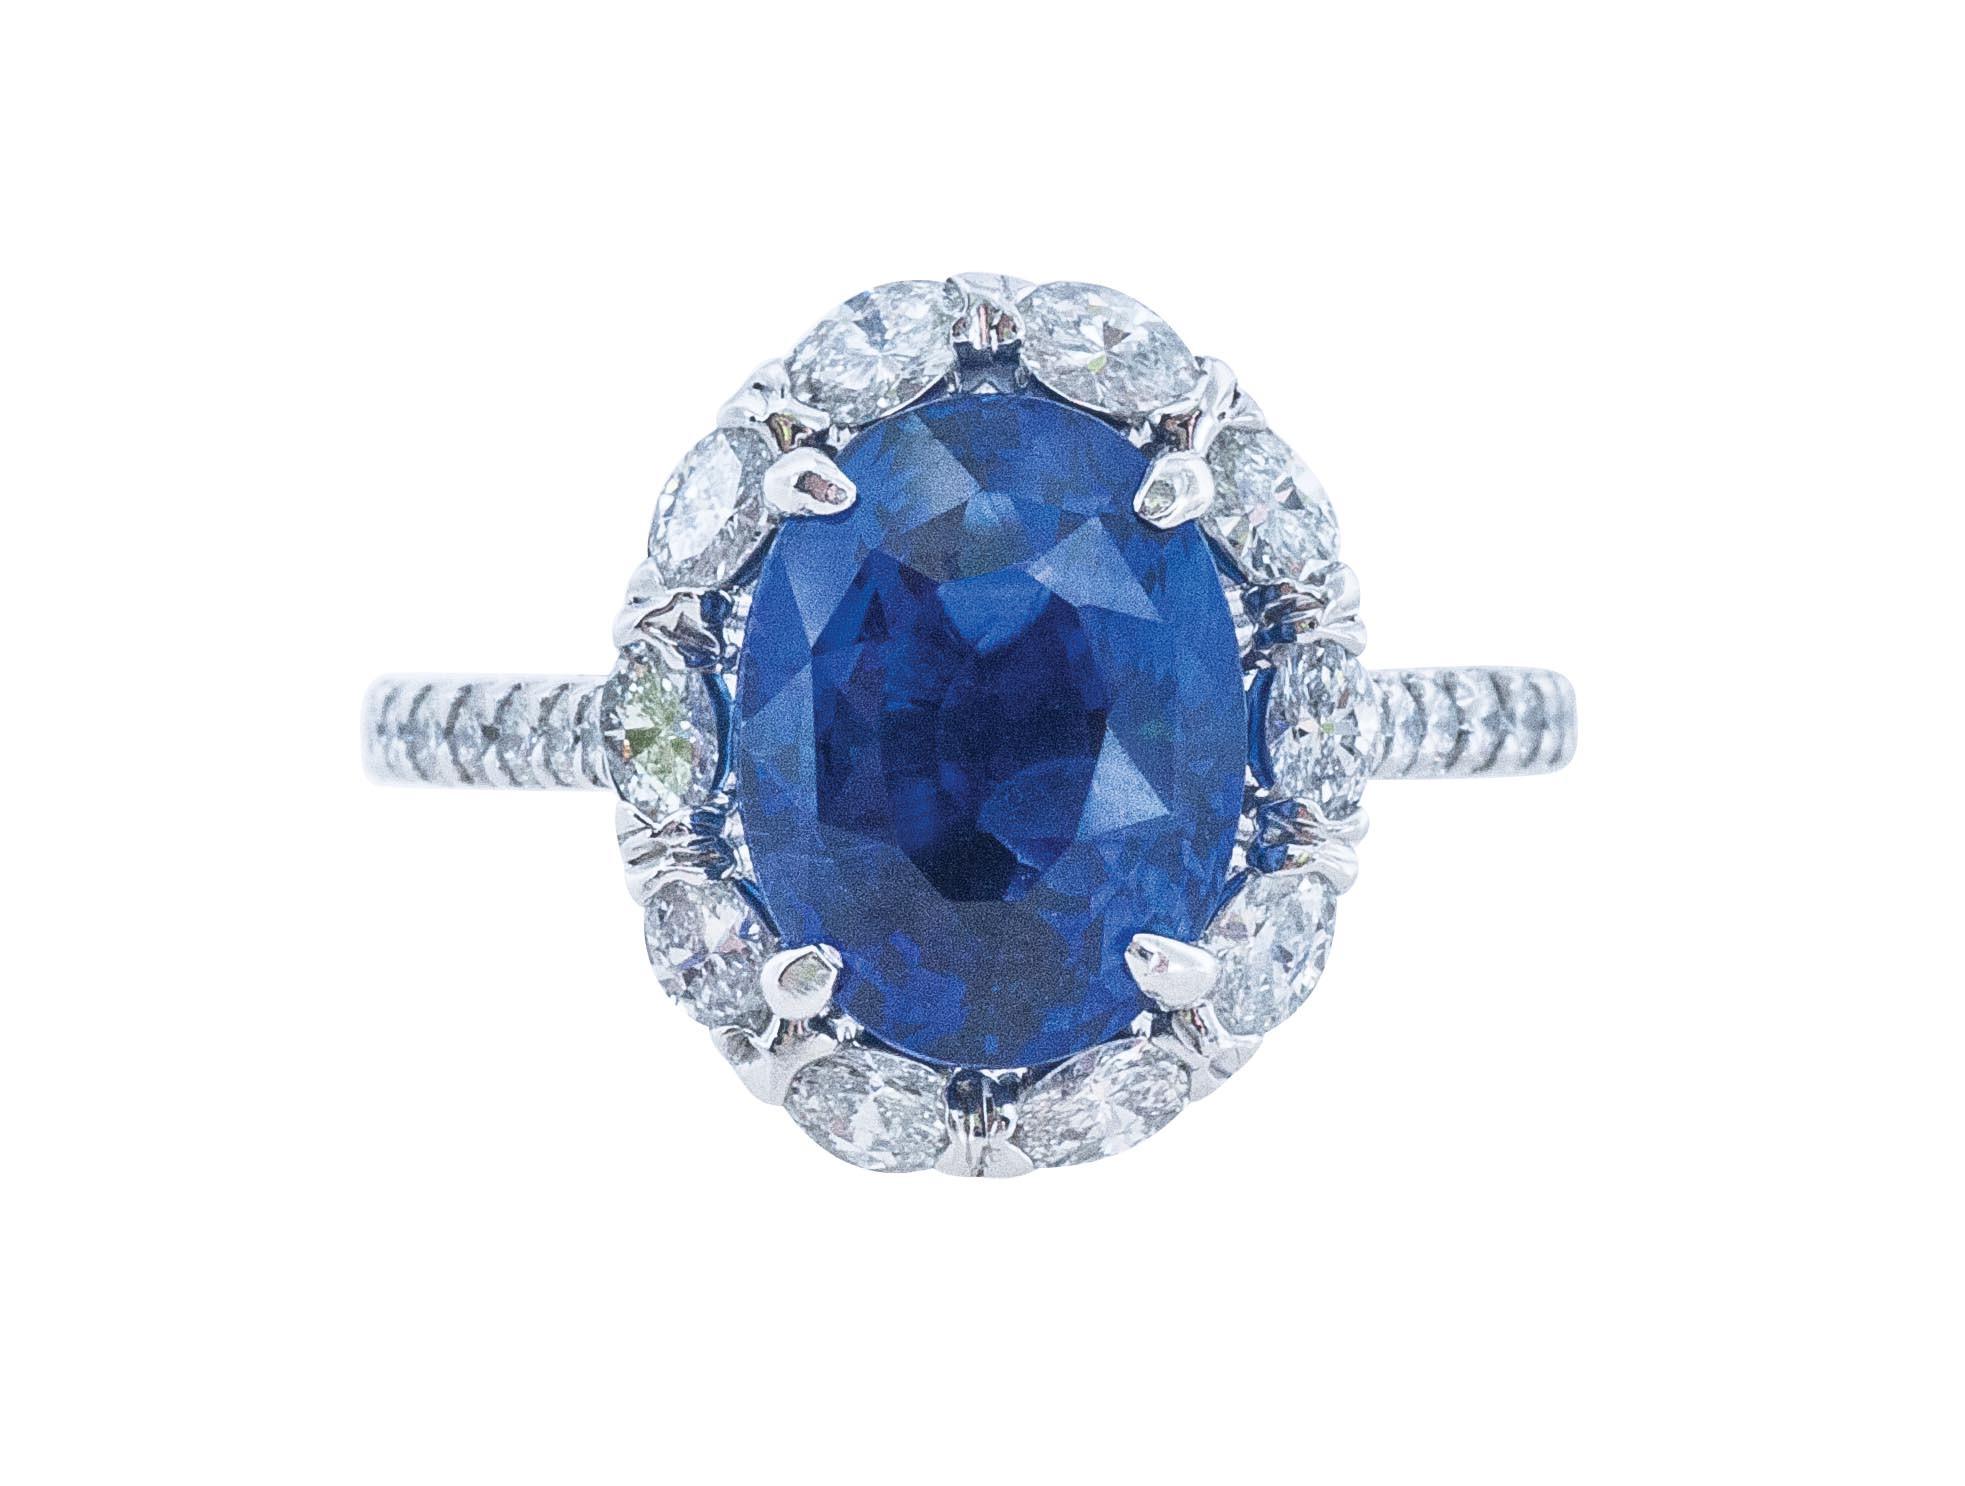 New 5.61 CTW Sapphire & Diamond Ring